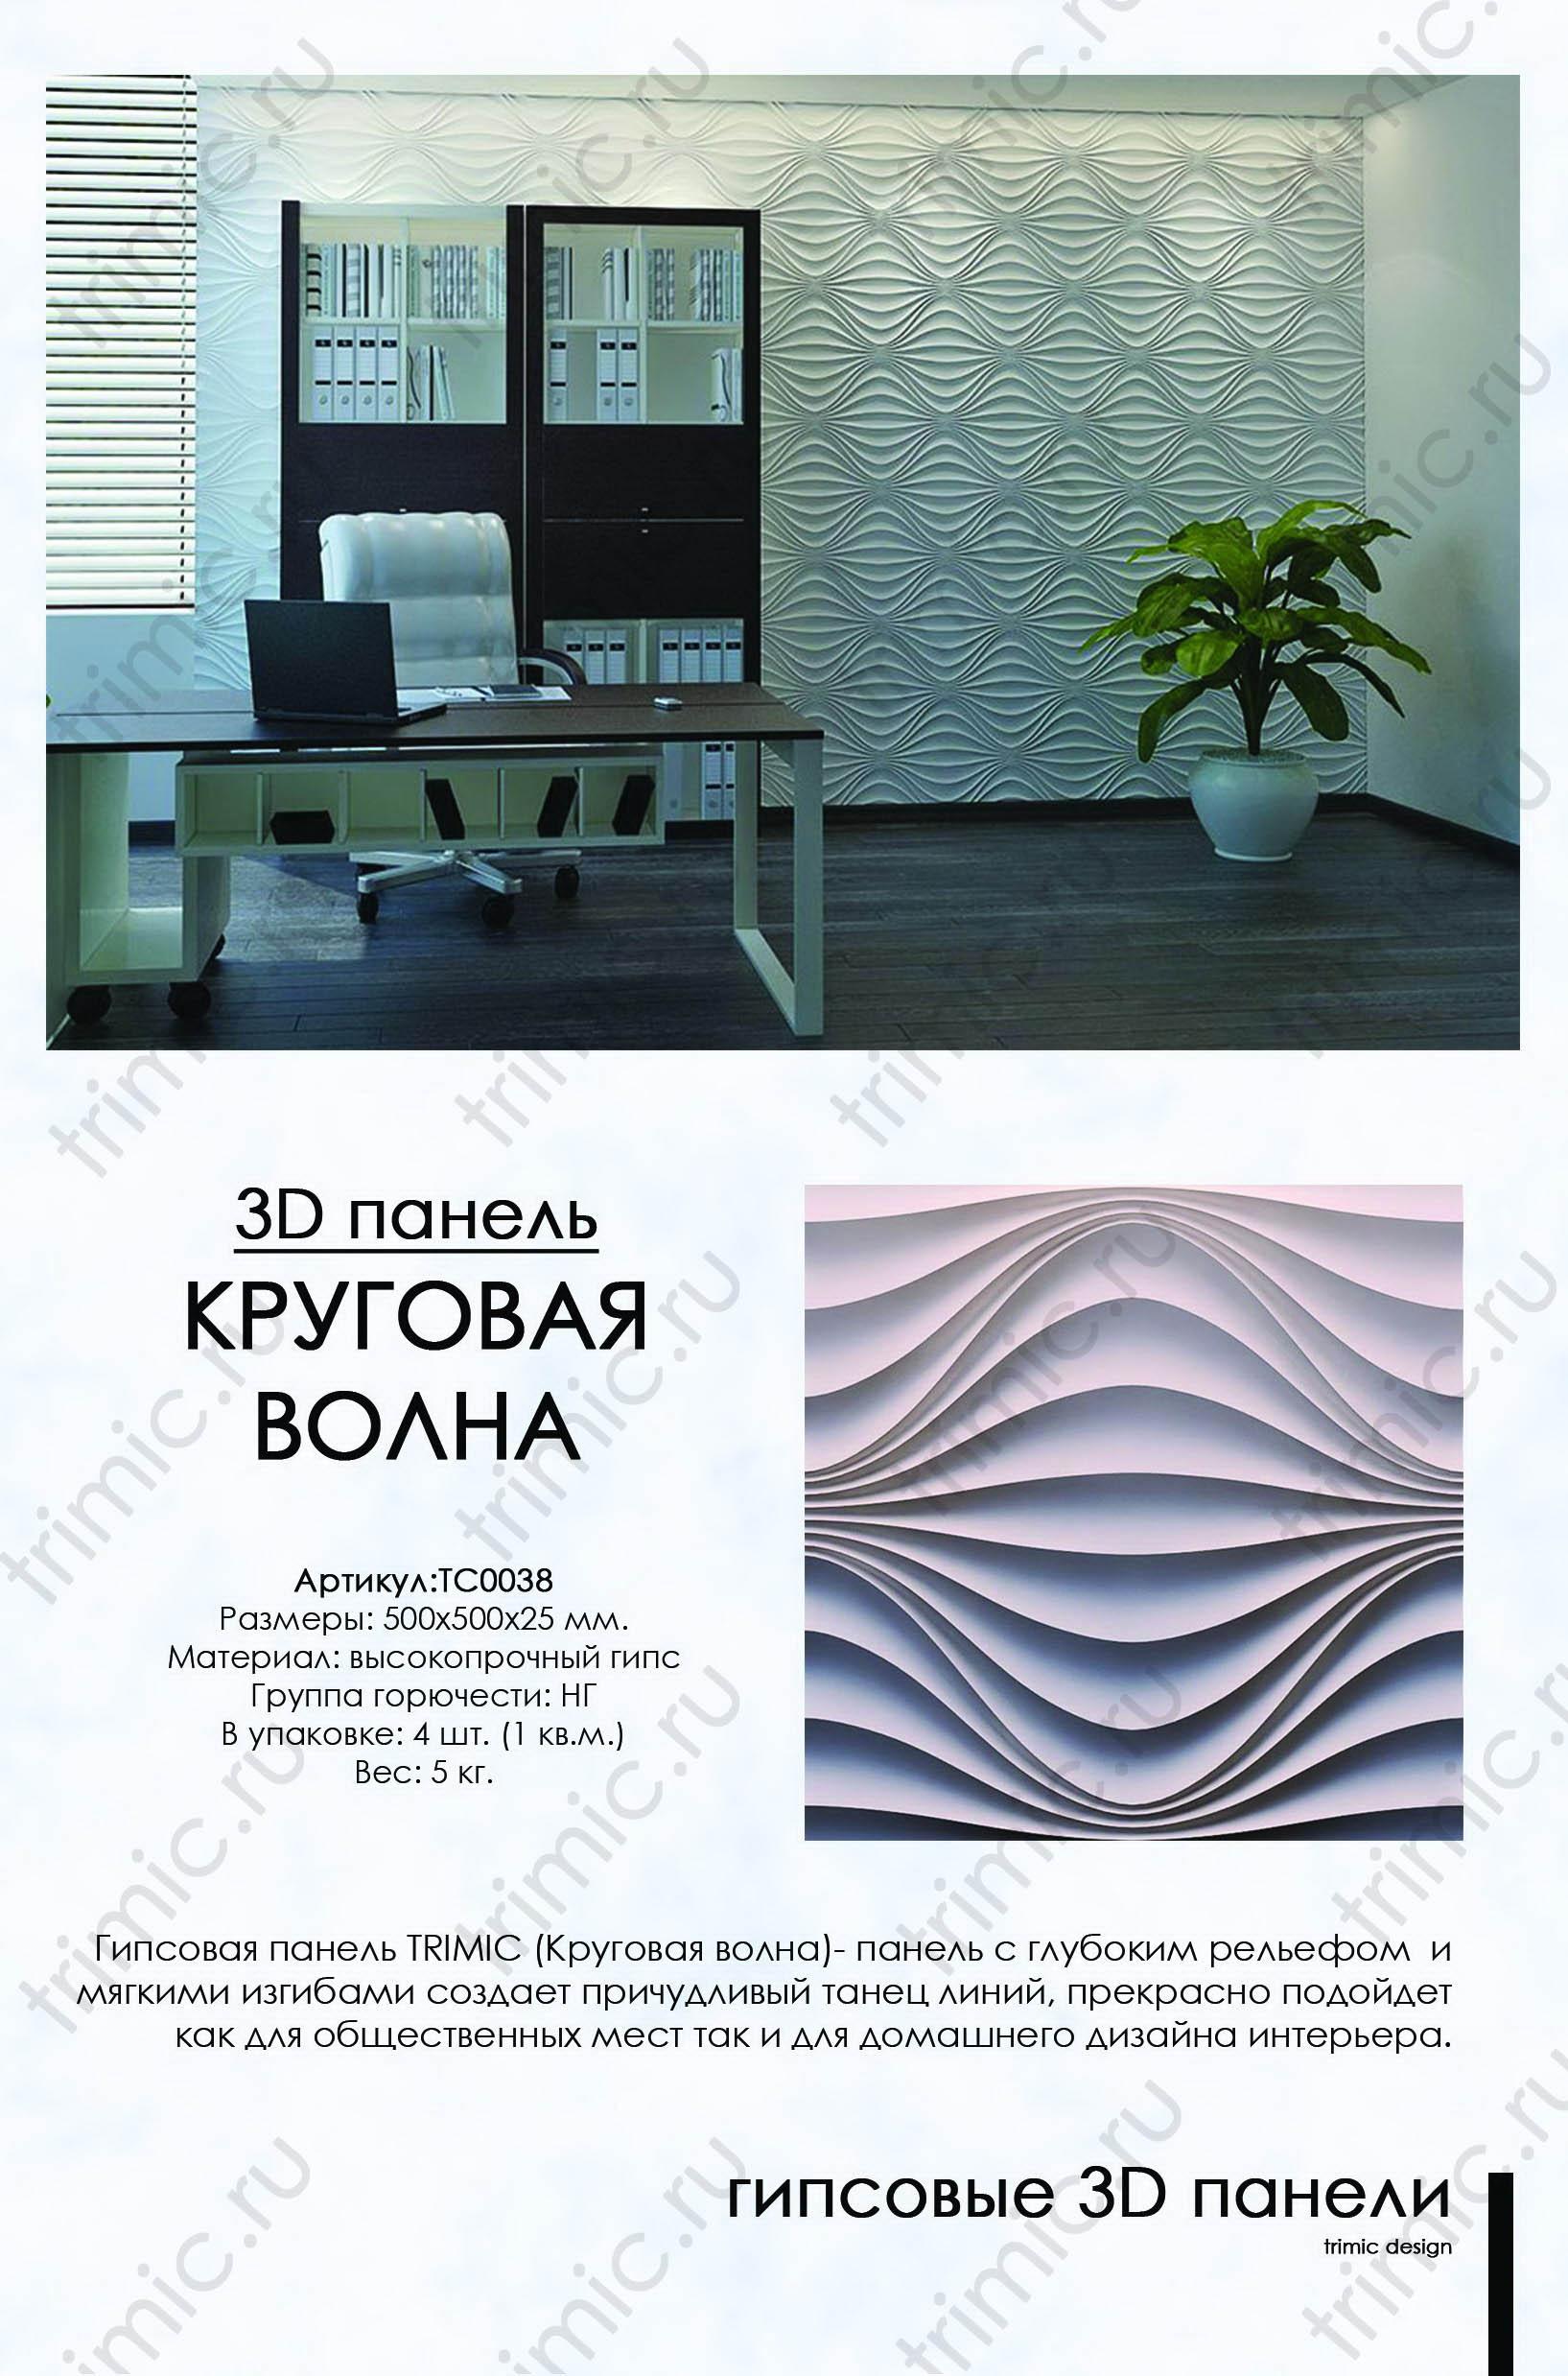 """3D панель из гипса """"Круговая волна""""для интерьерного оформления стен."""